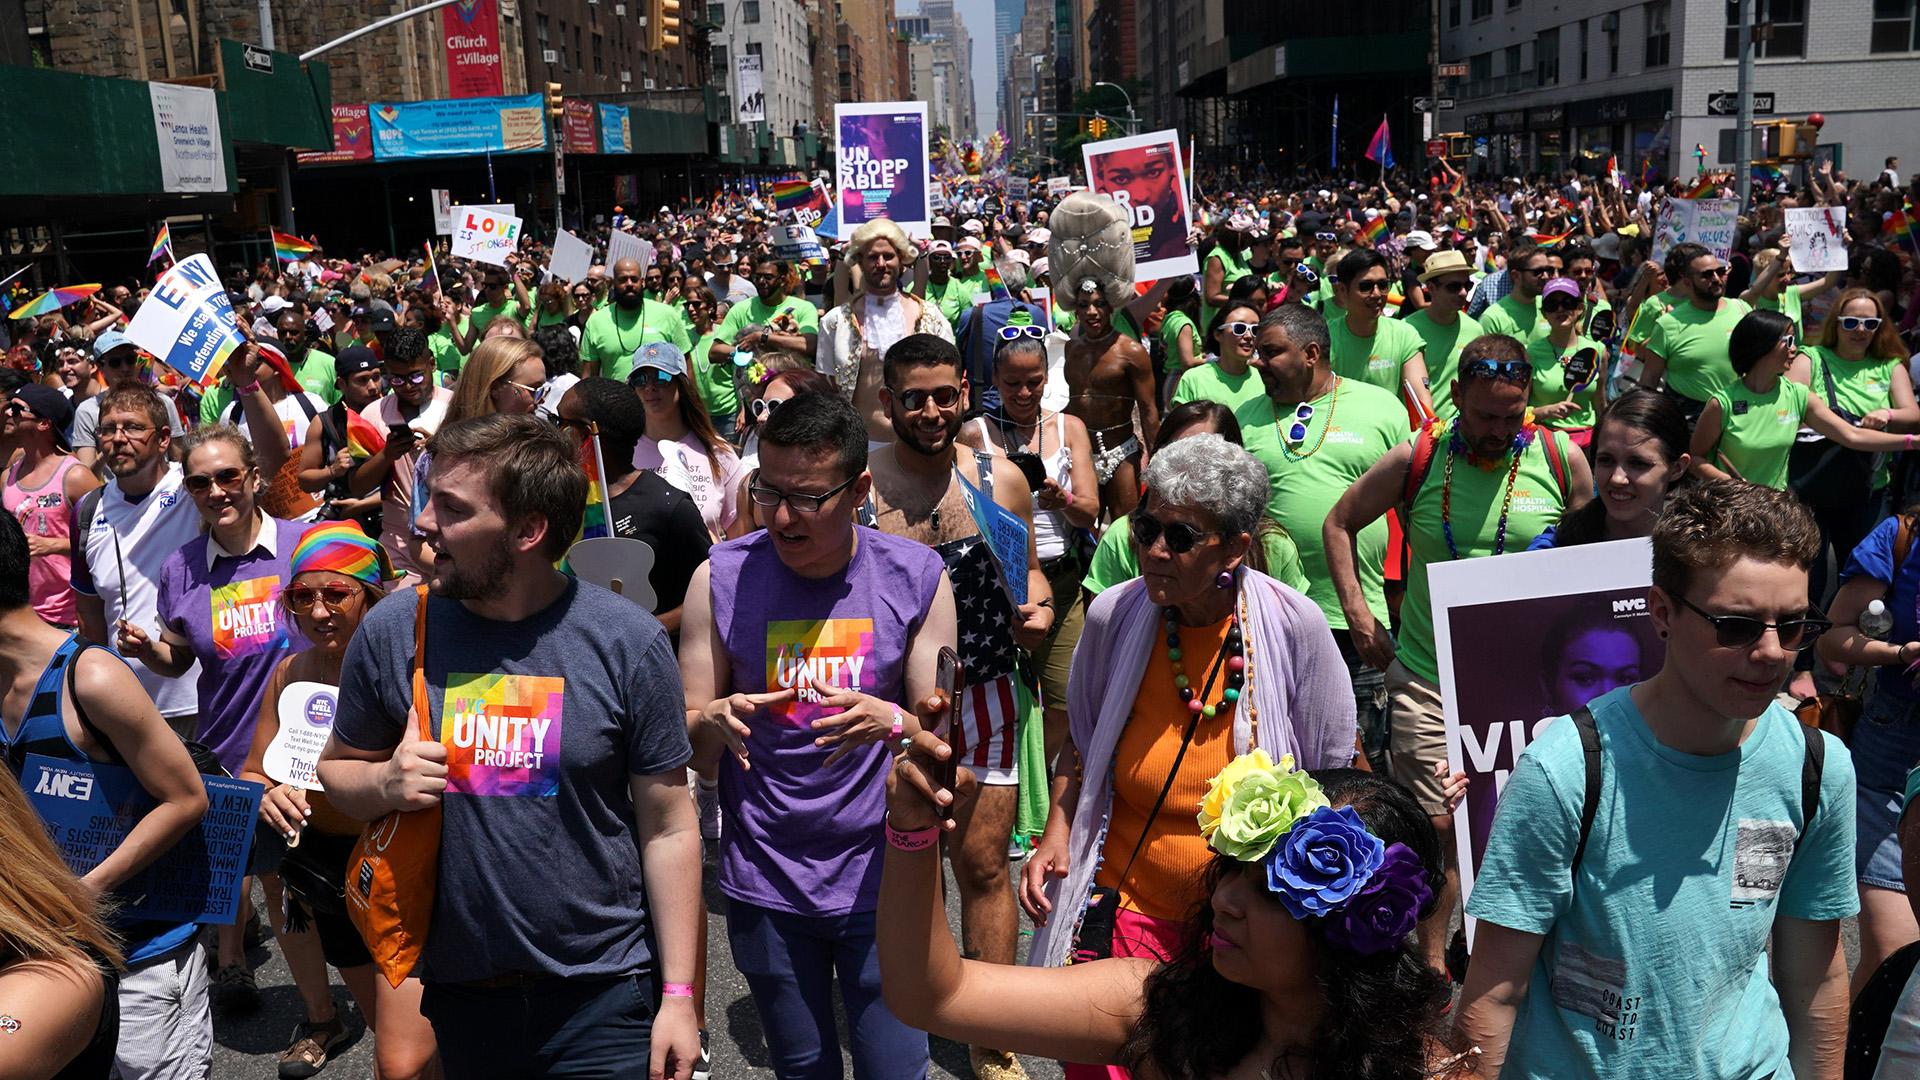 Los neoyorquino portaron los colores de arcoiris en remeras, banderas y máscaras (AFP)